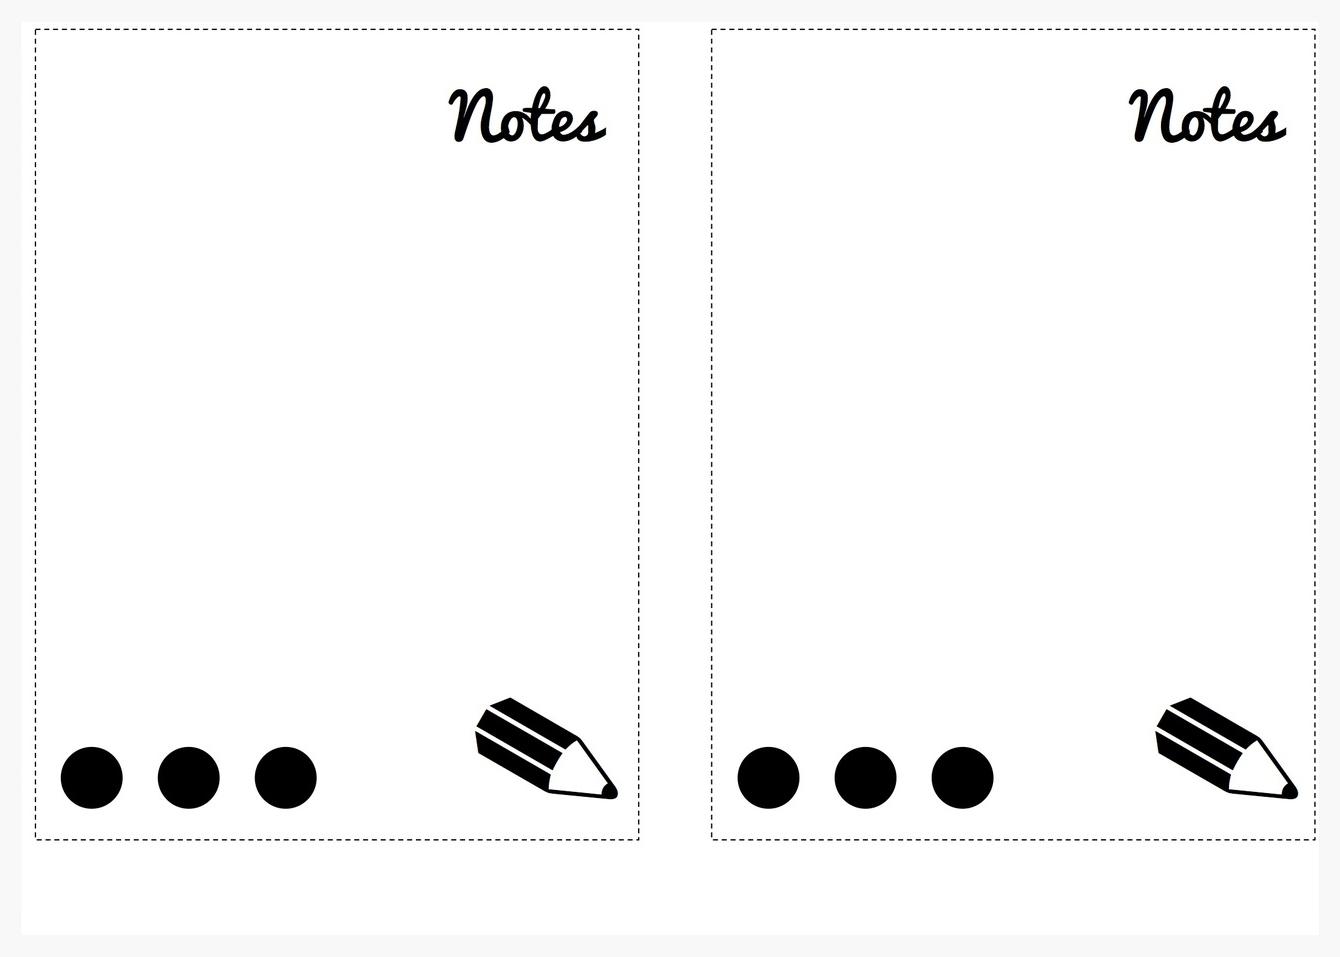 2014-10 - Notes.jpg